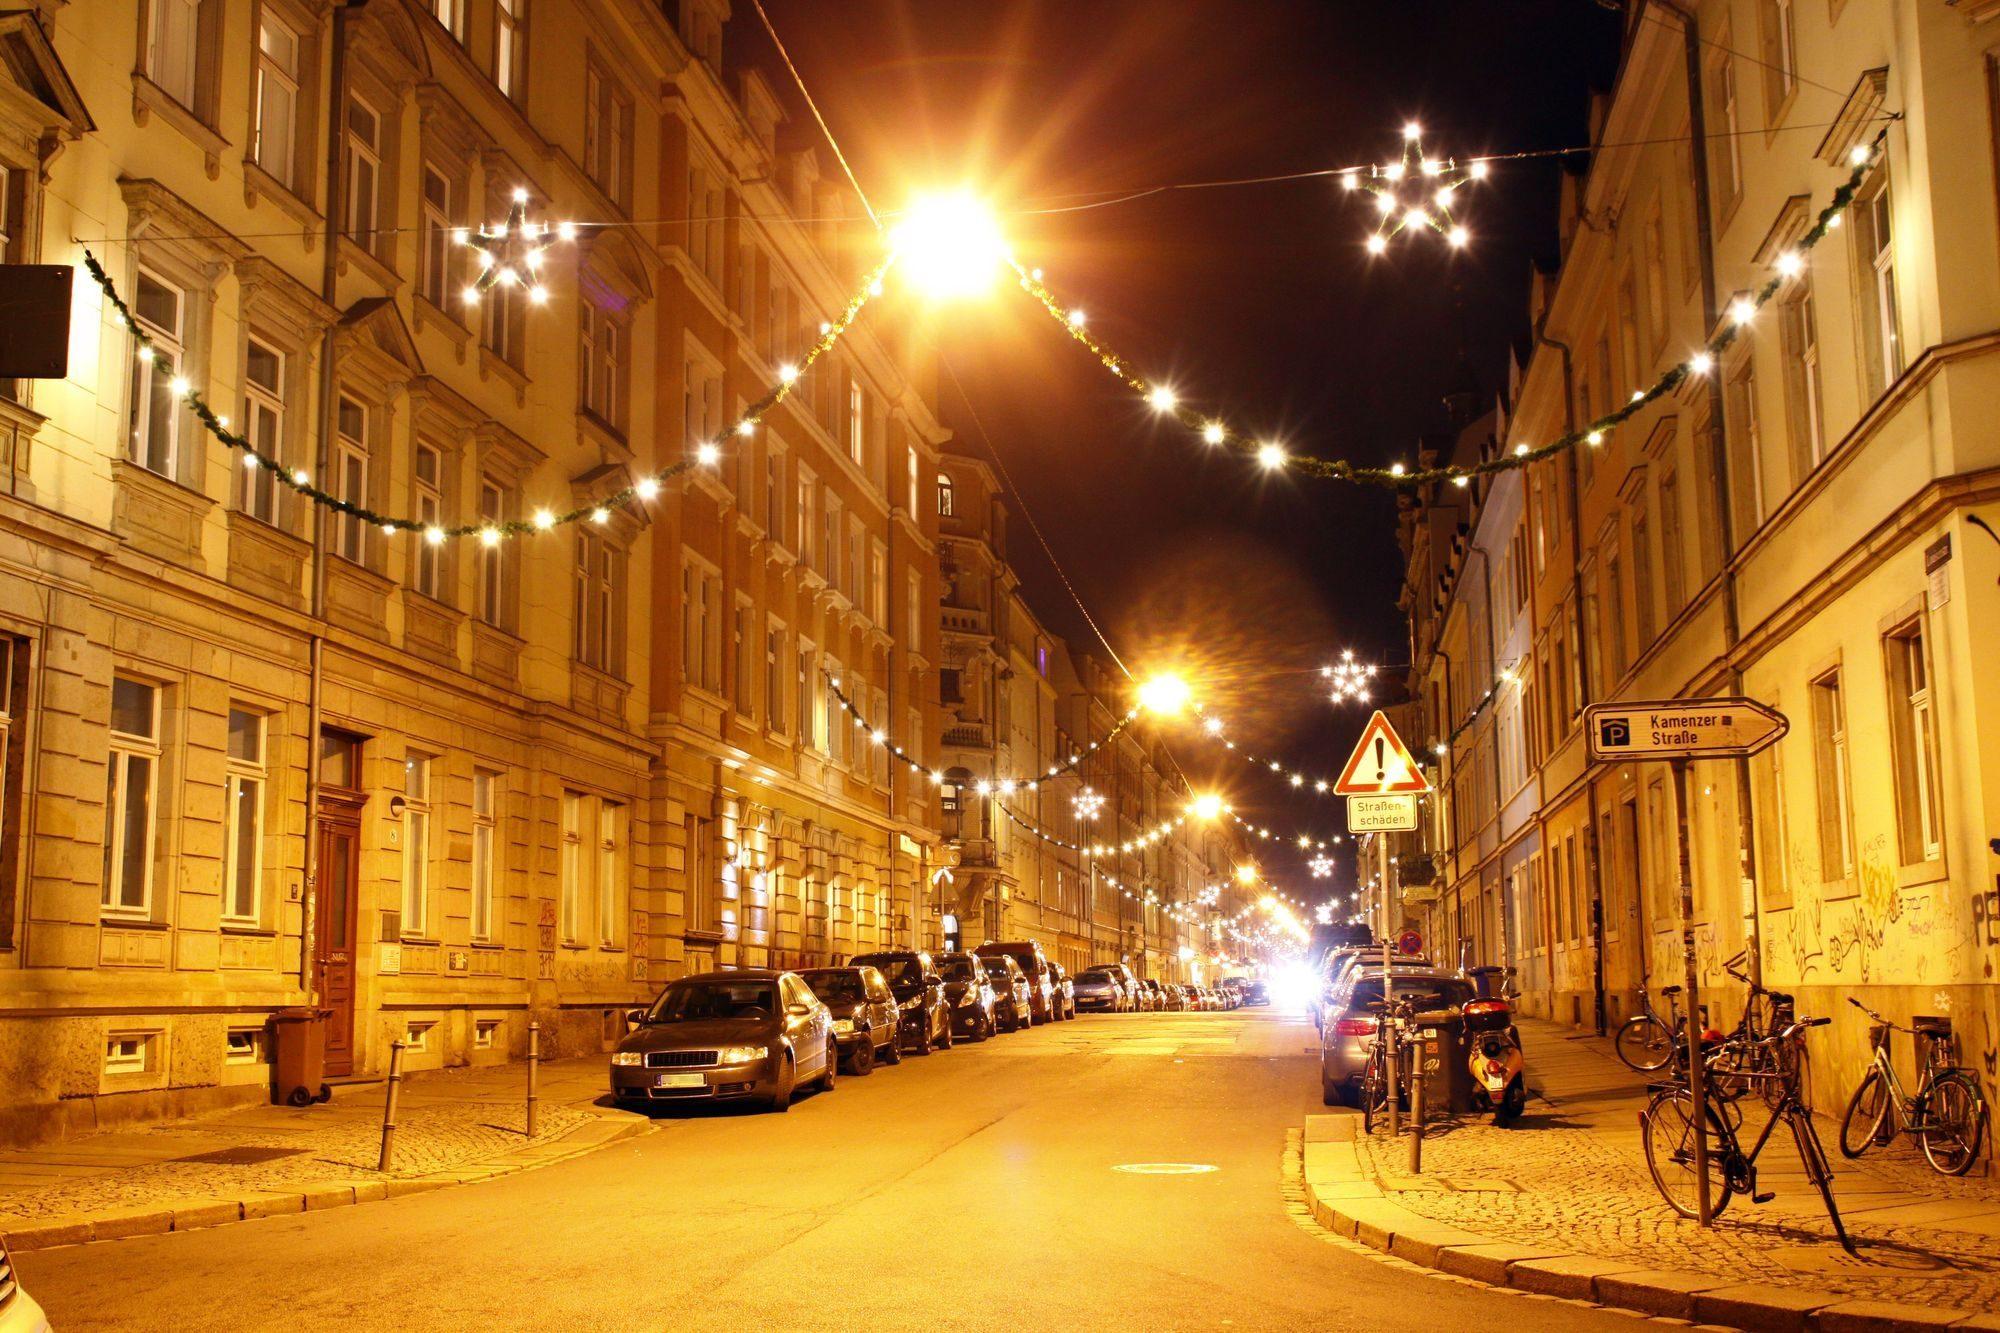 Louisenstraße mit Weihnachtsbeleuchtung - Foto: Youssef Safwan